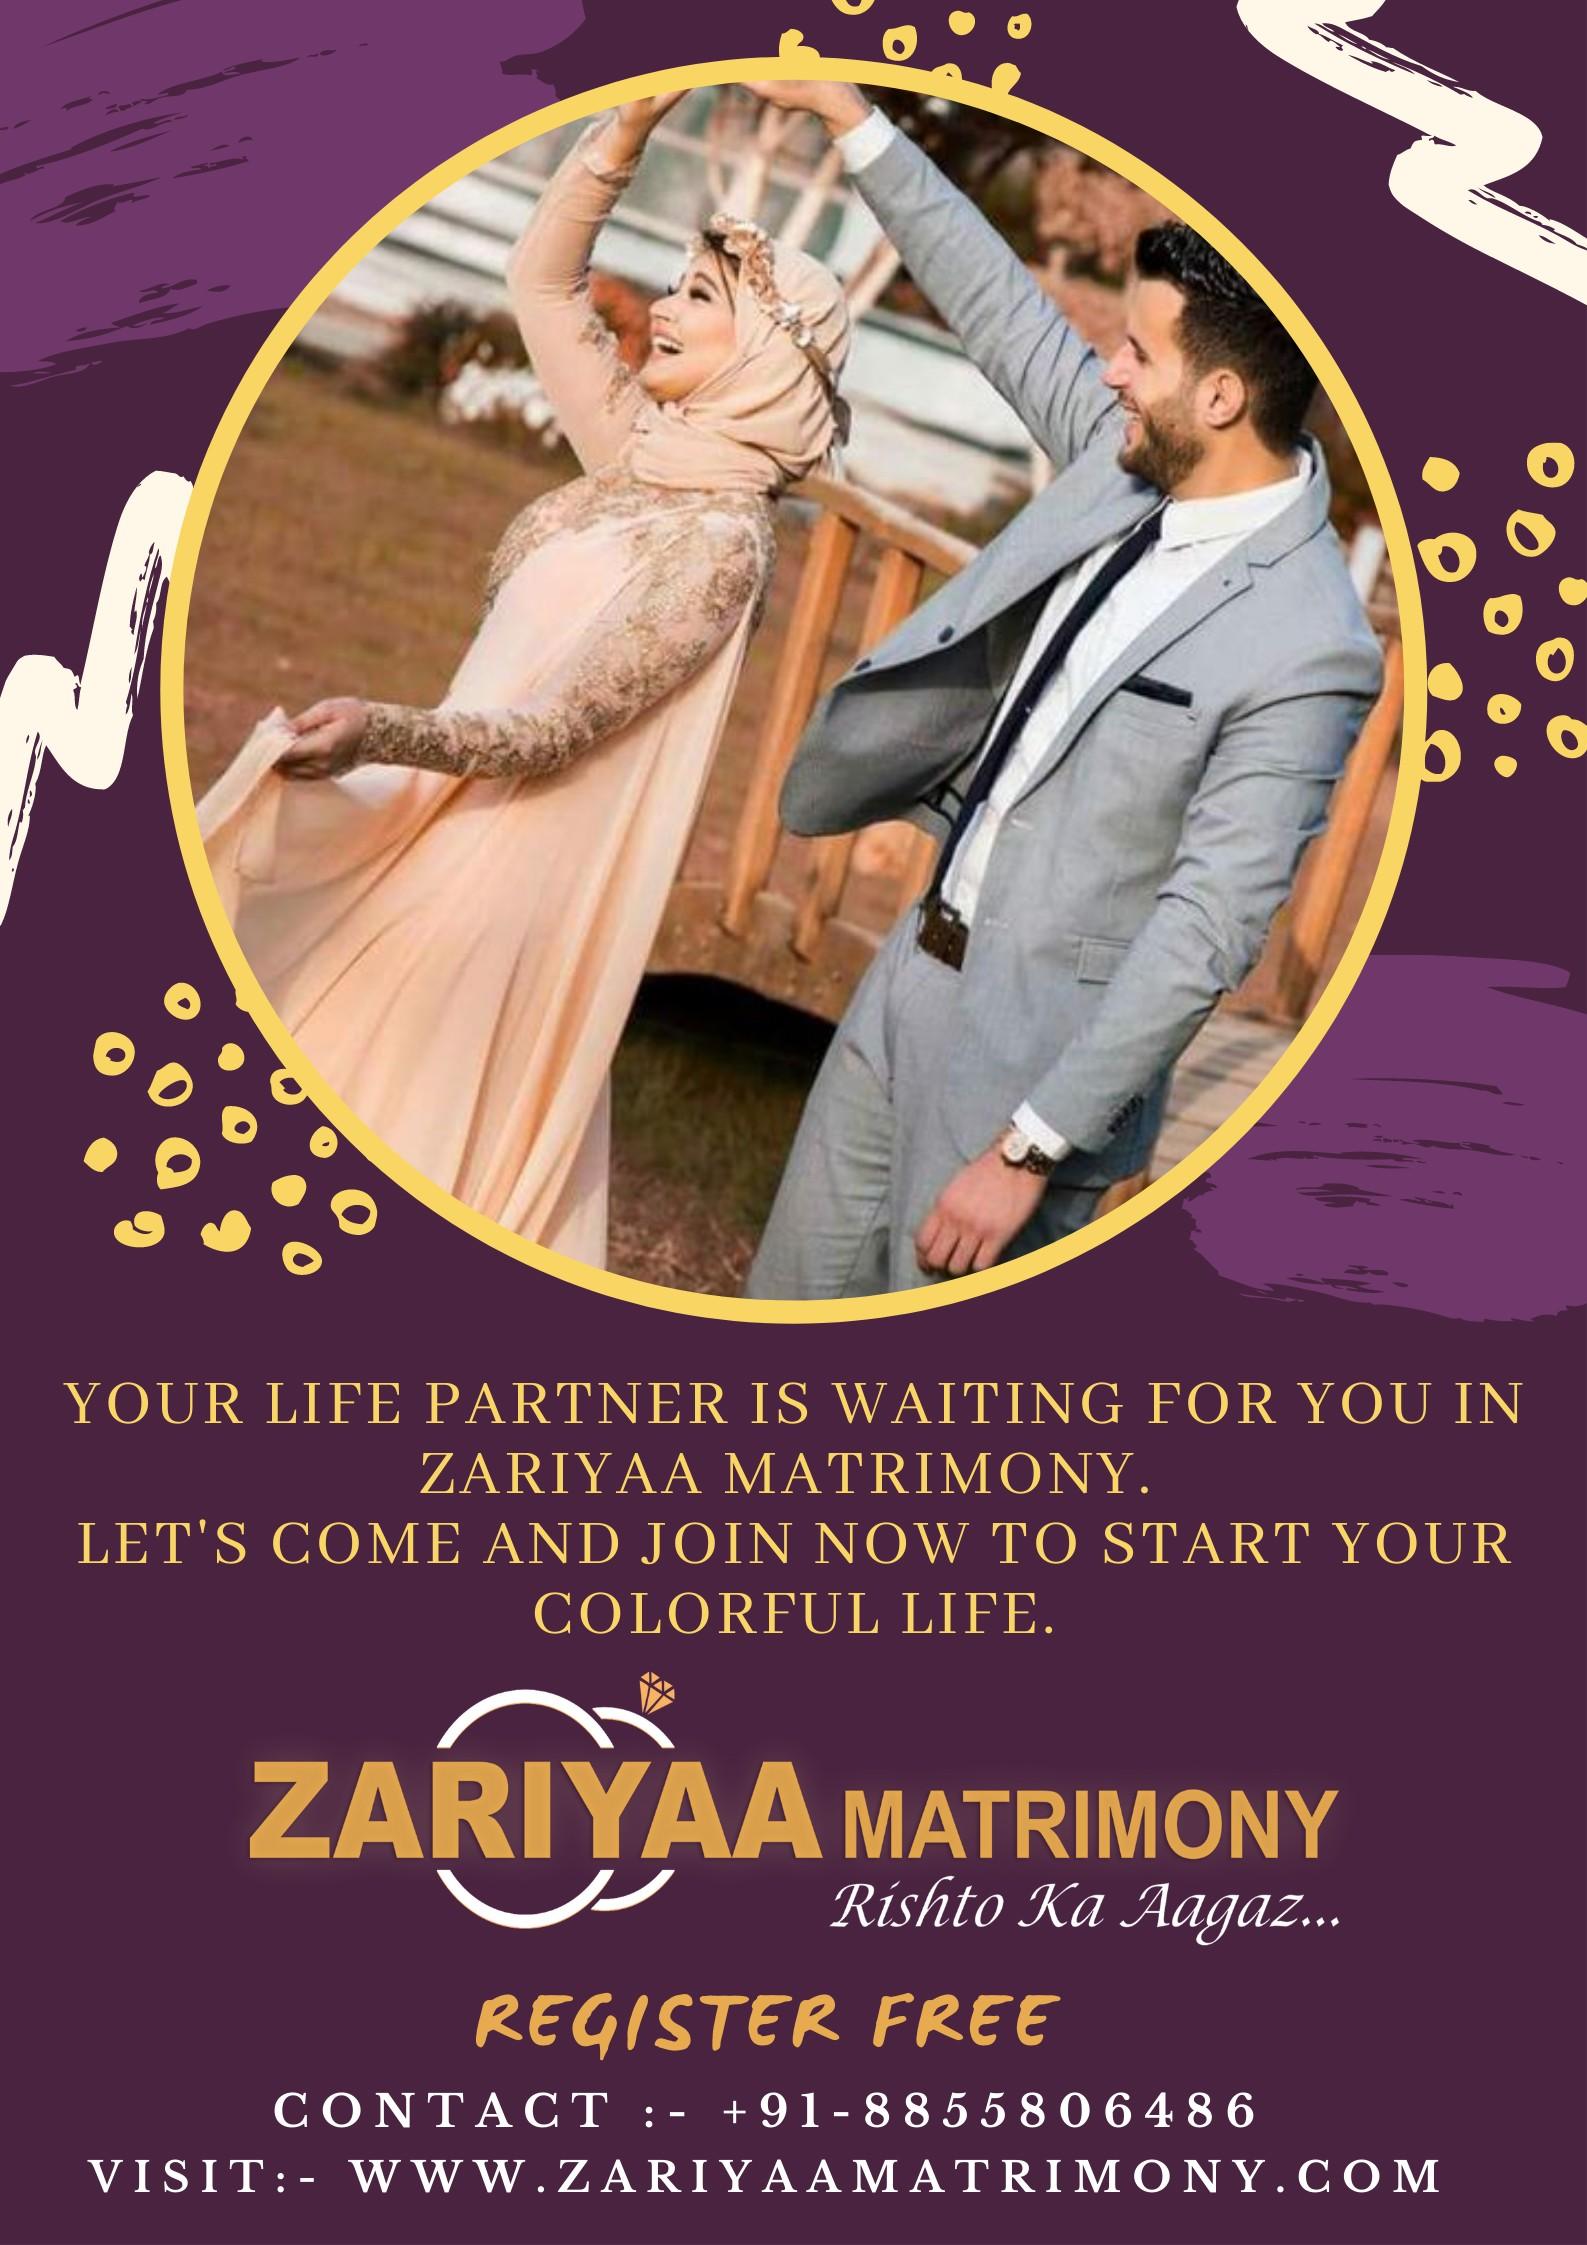 Zariyaa Matrimony - Best Muslim Matrimony in Pimpri-Chinchwad, Pune